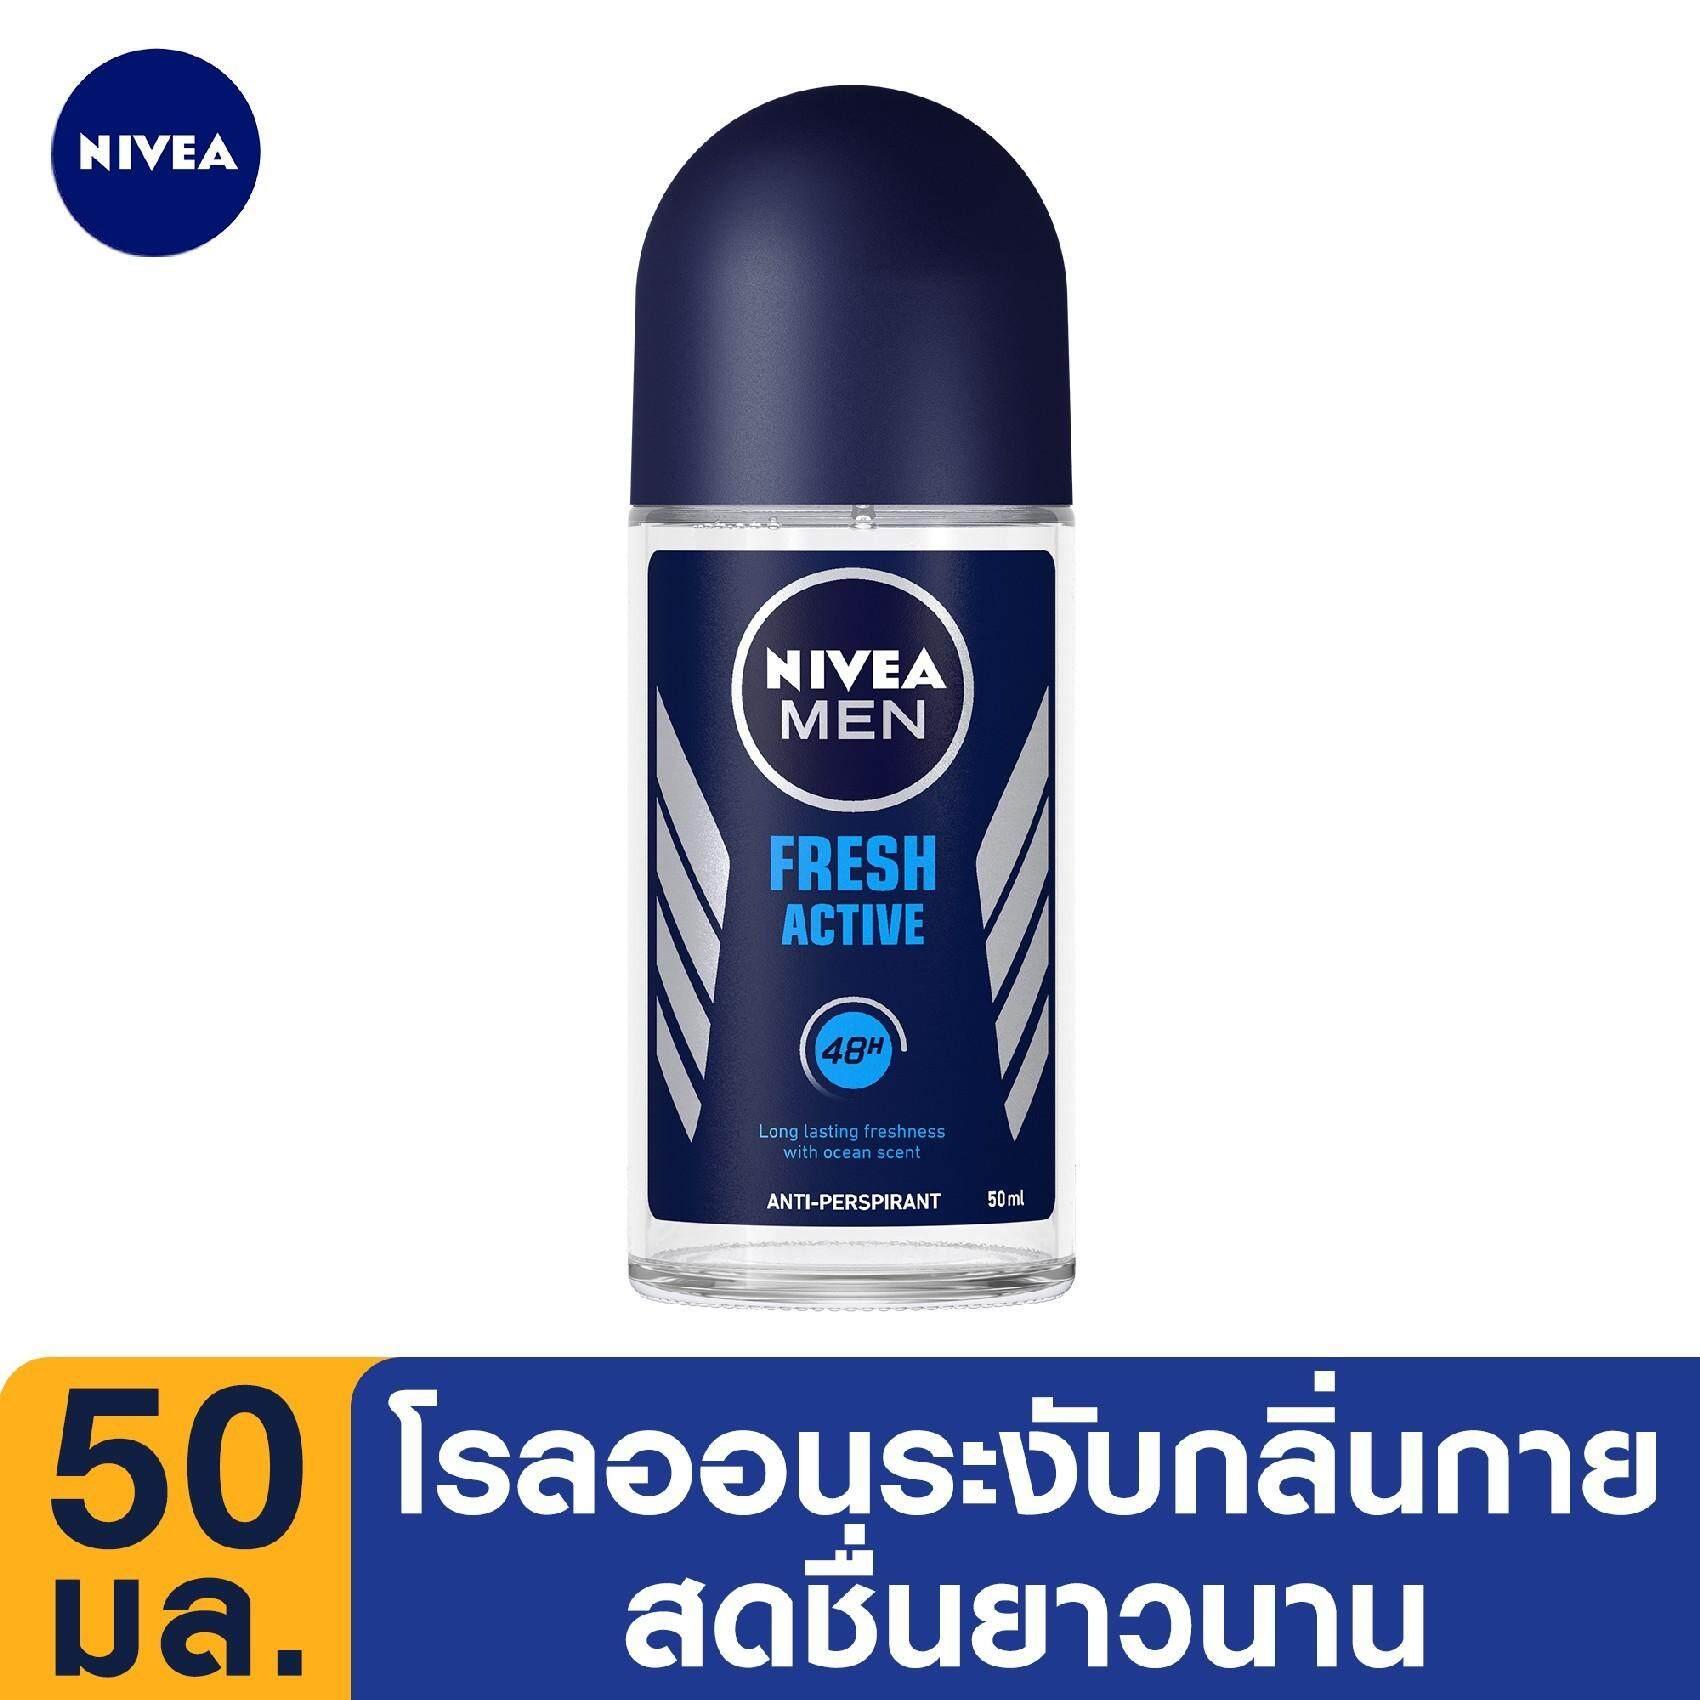 นีเวีย เมน เฟรช แอคทีฟ โรลออน ระงับกลิ่นกาย สำหรับผู้ชาย 50 มล. NIVEA Deo Men Stress Protect Roll Spray 50 ml.